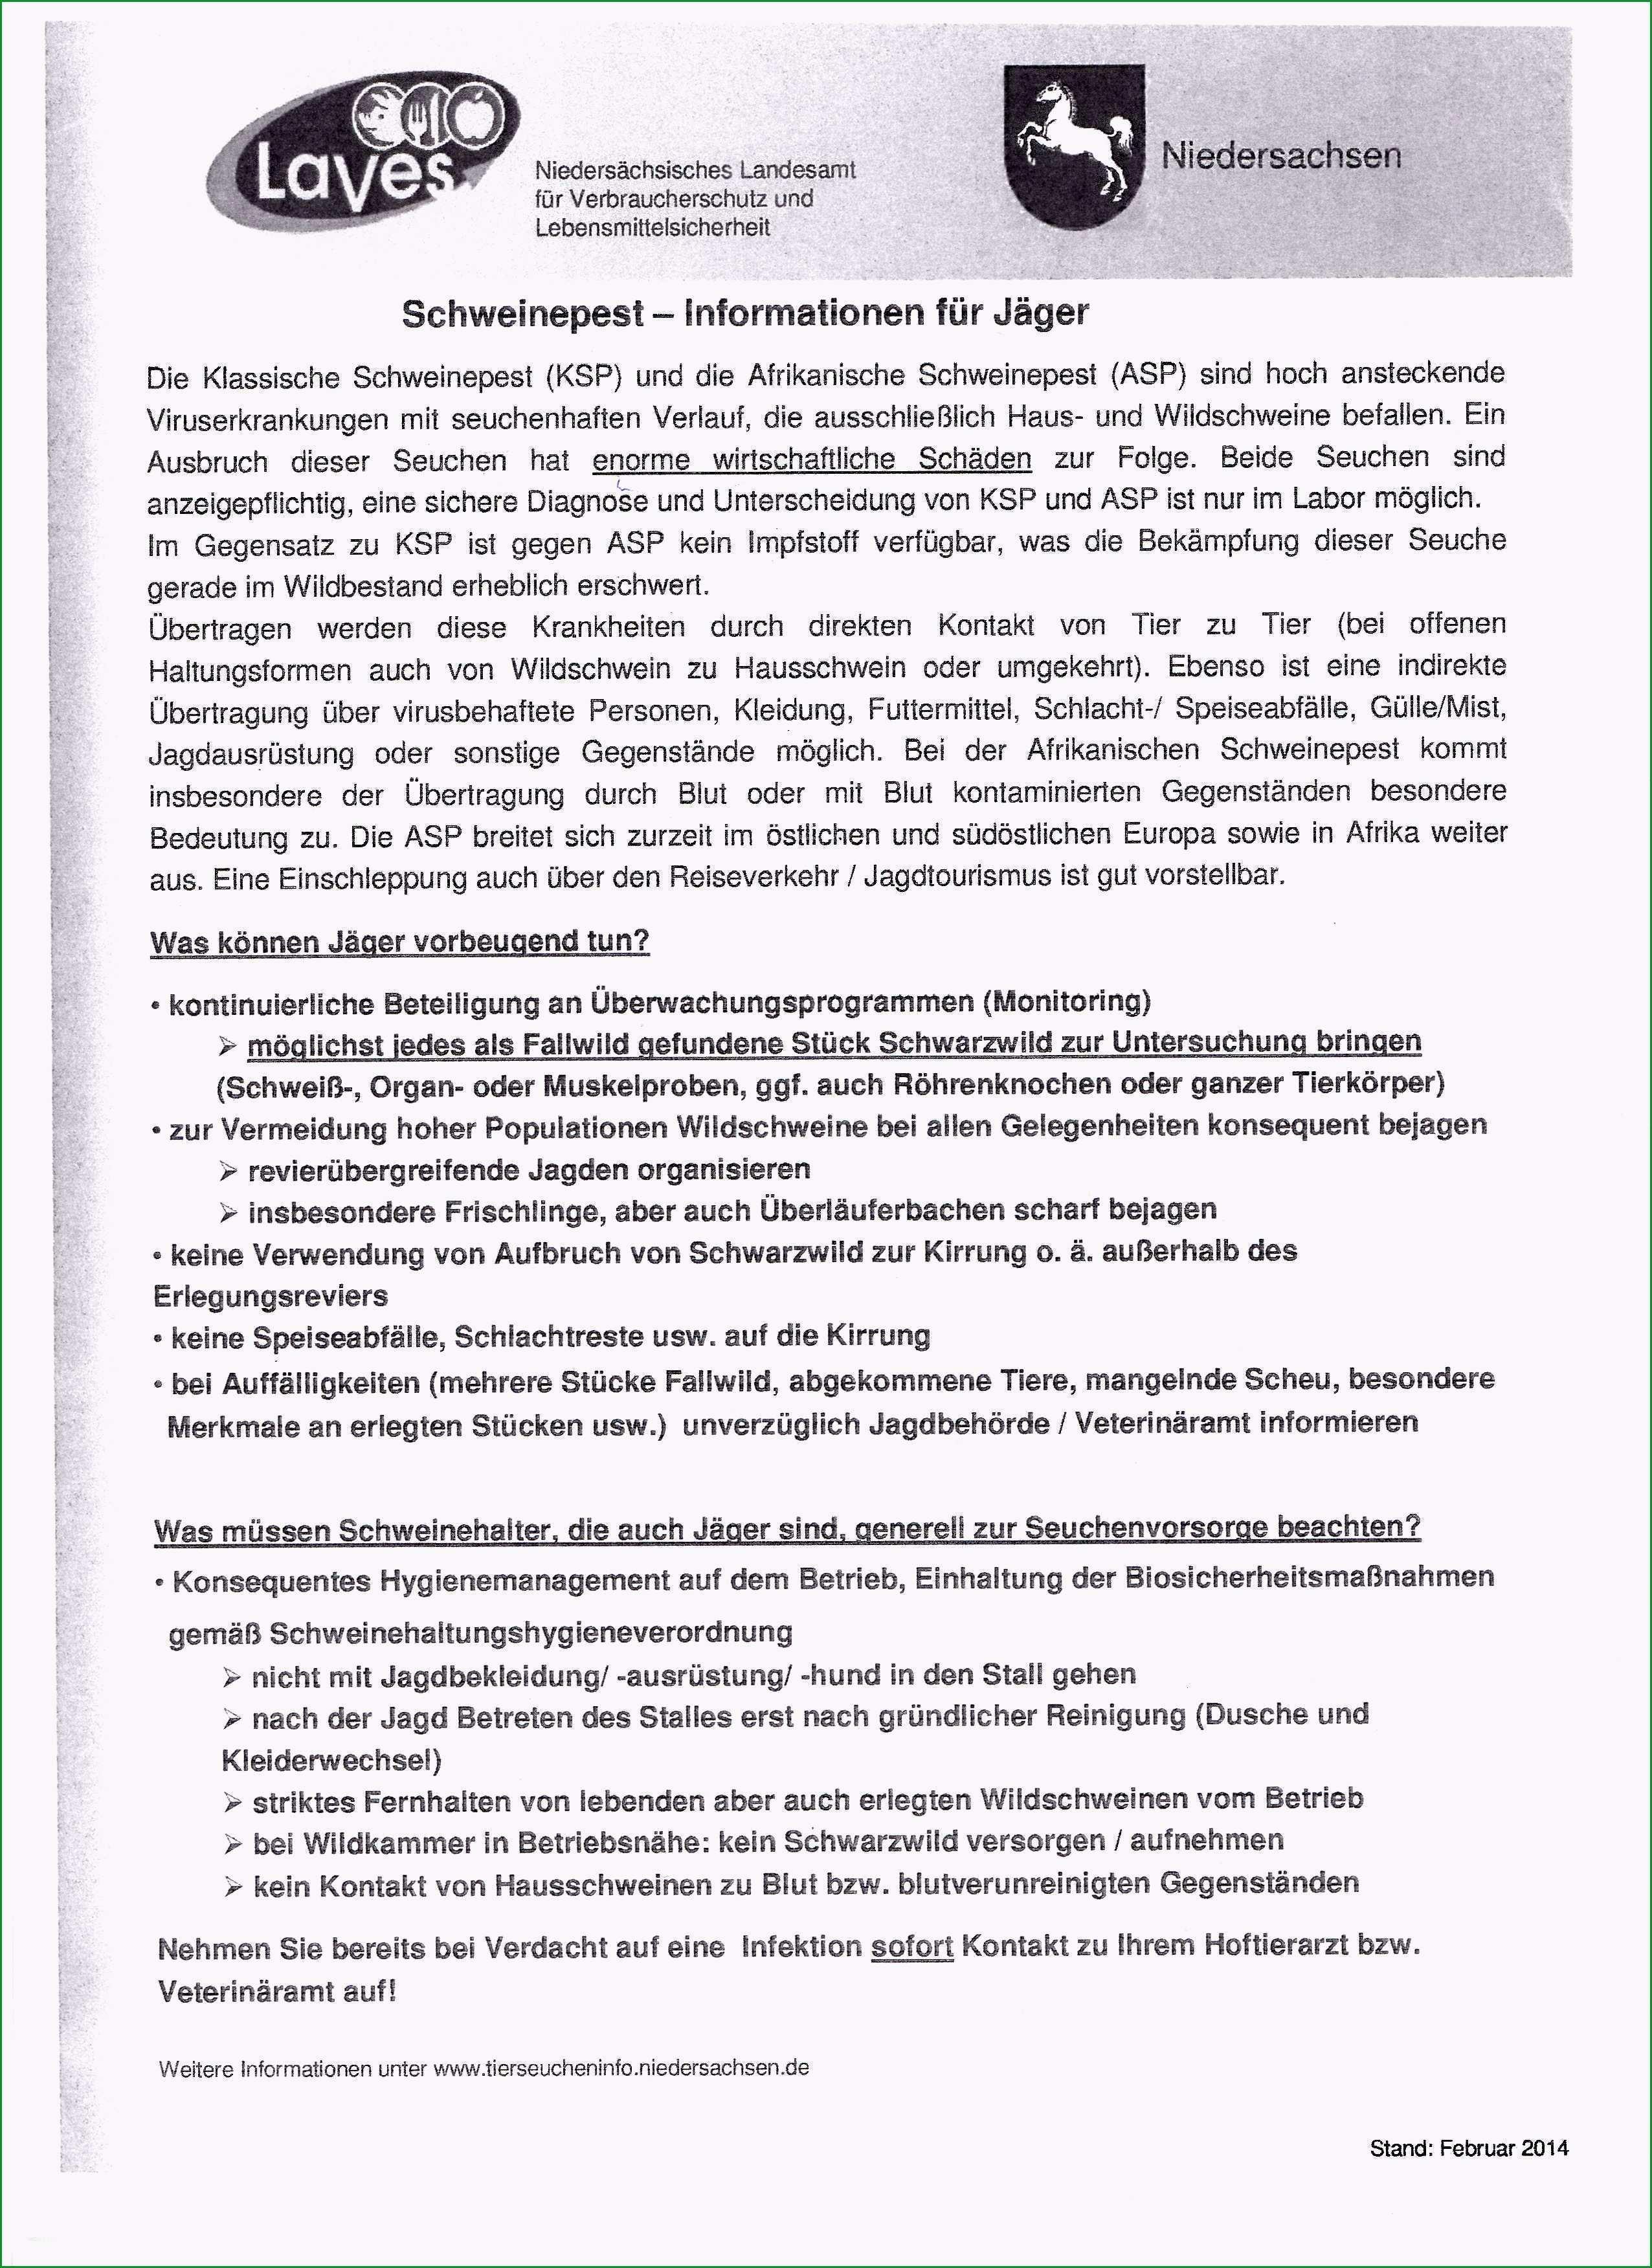 antrag bildungsurlaub niedersachsen vorlage grosartig s jagerschaft oldenburg delmenhorst e v